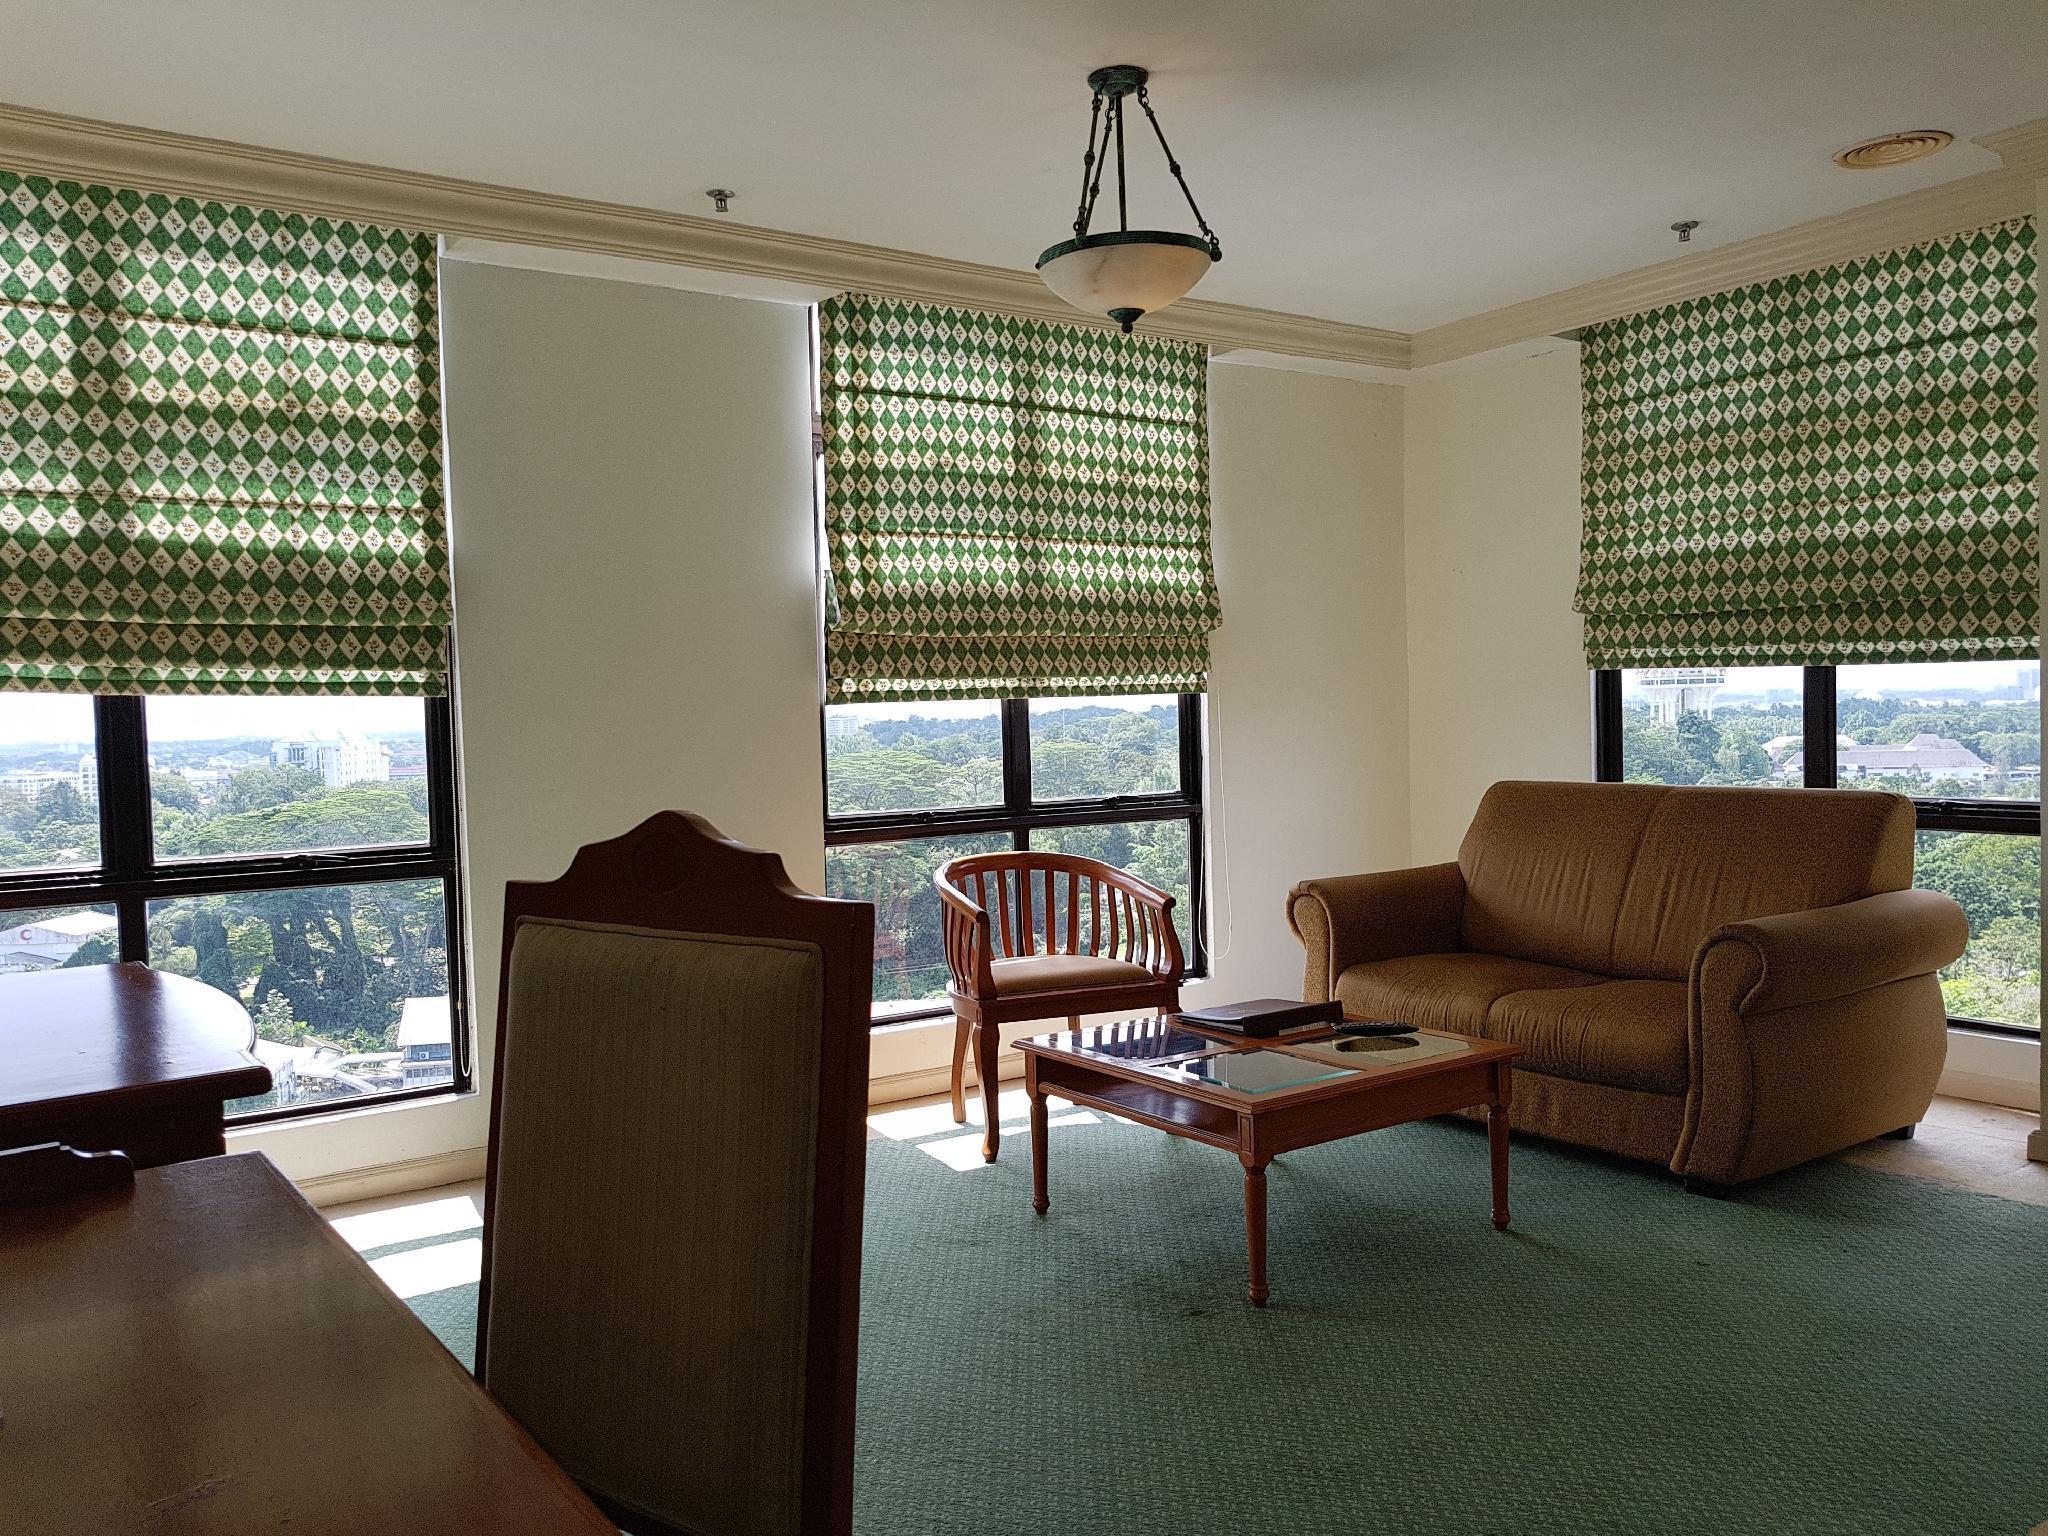 The Apartments At Merdeka Palace Hotel